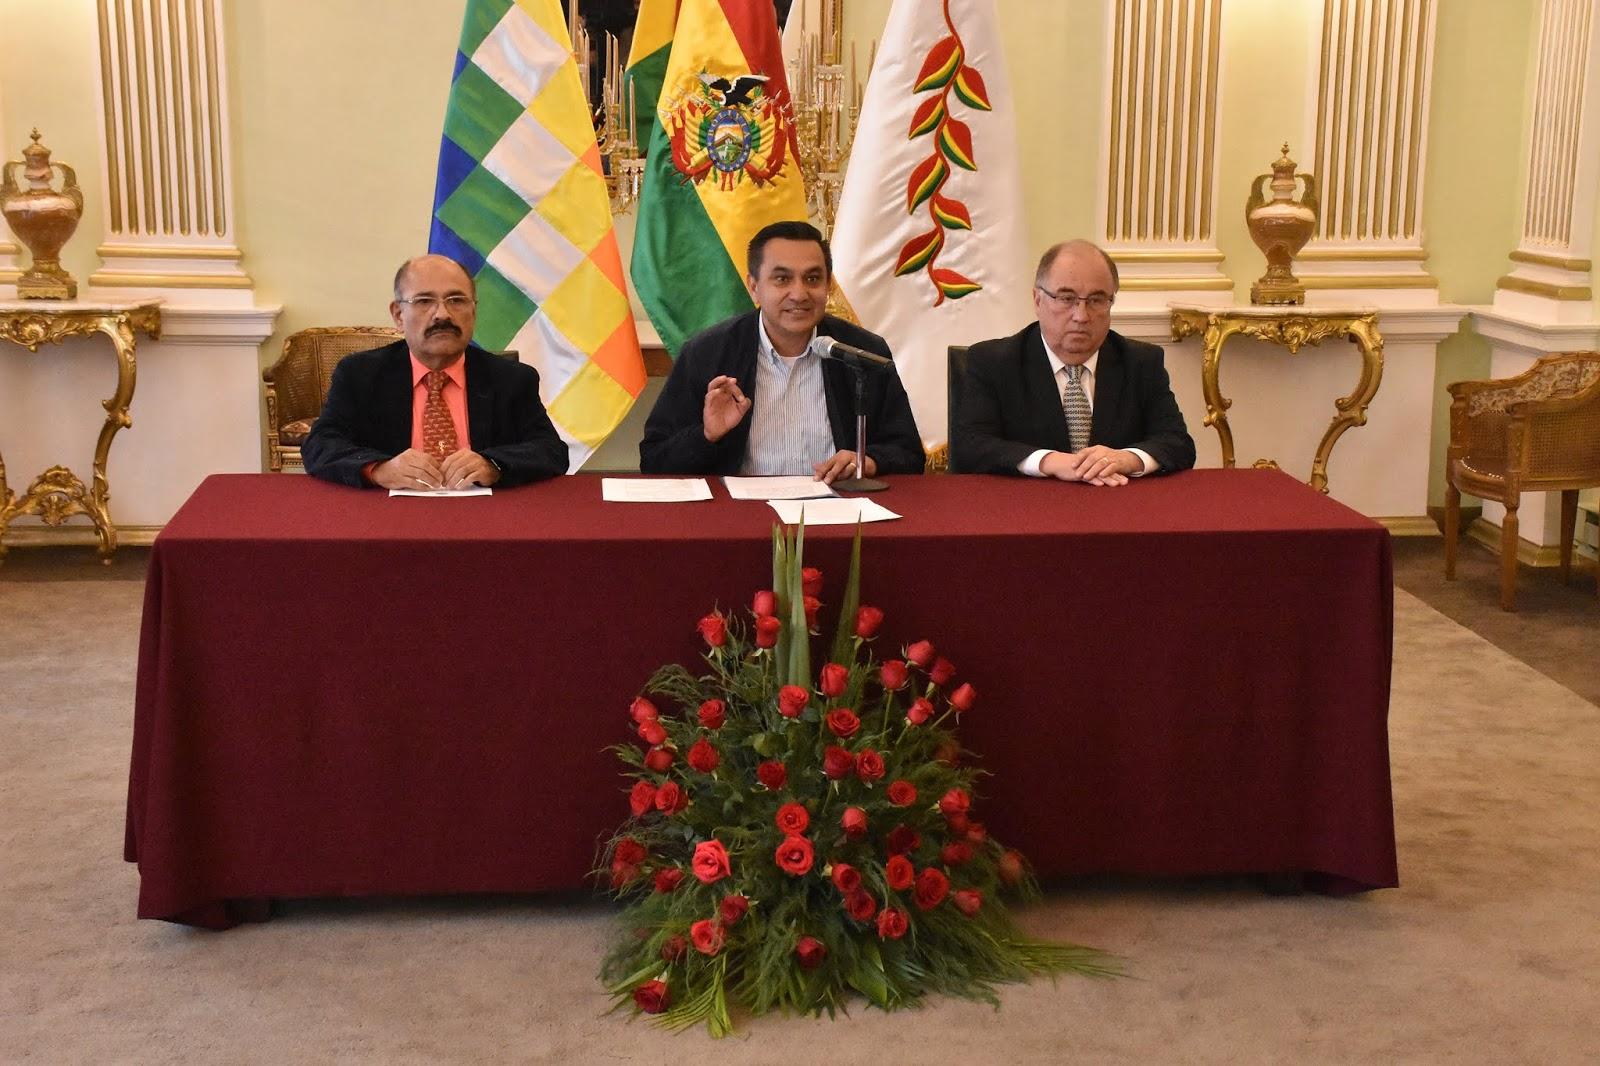 El anuncio de la ruptura diplomática con Cuba lo dio el canciller interino Yerko Nuñez / ABI